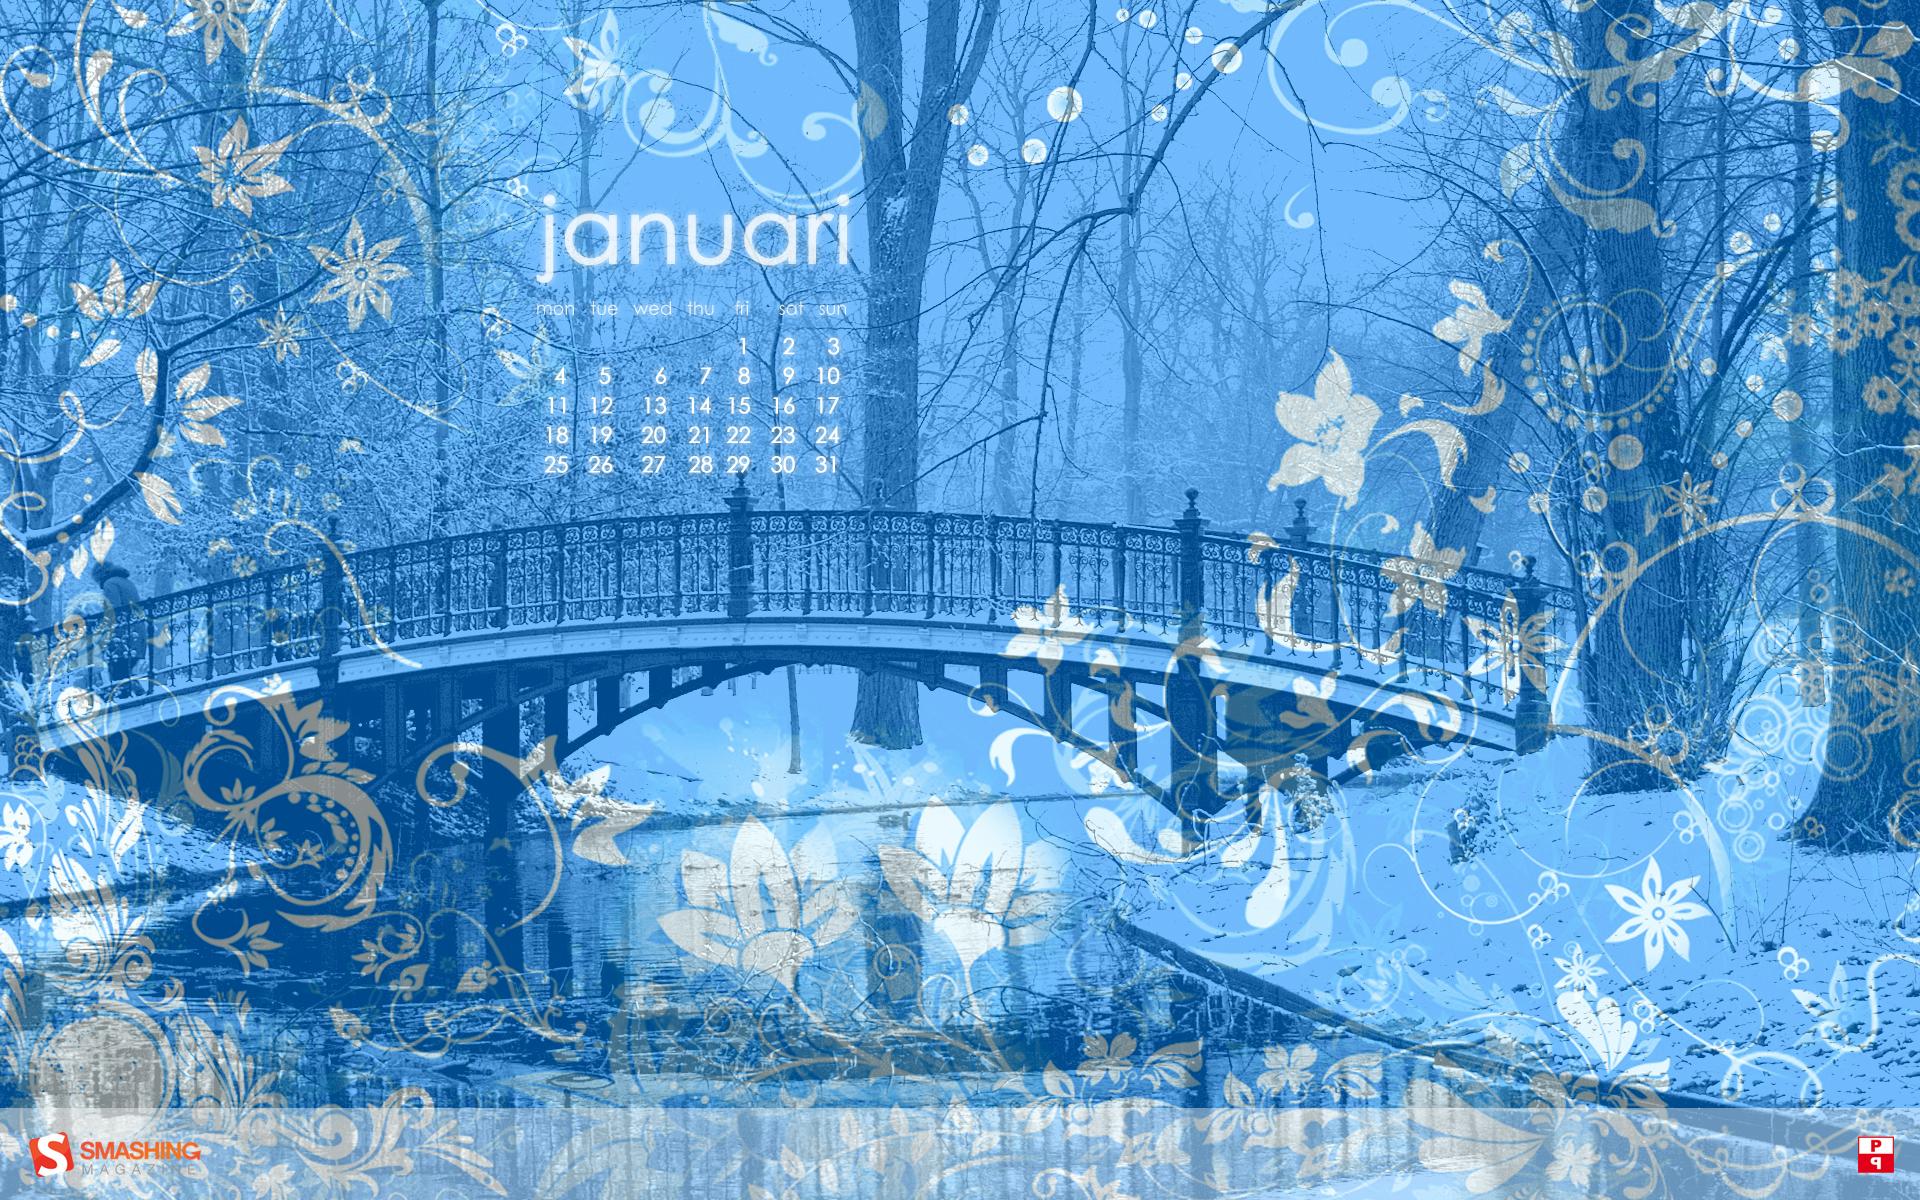 Red Abstract Dutch Winter Jpg 2381525 Wallpaper wallpaper download